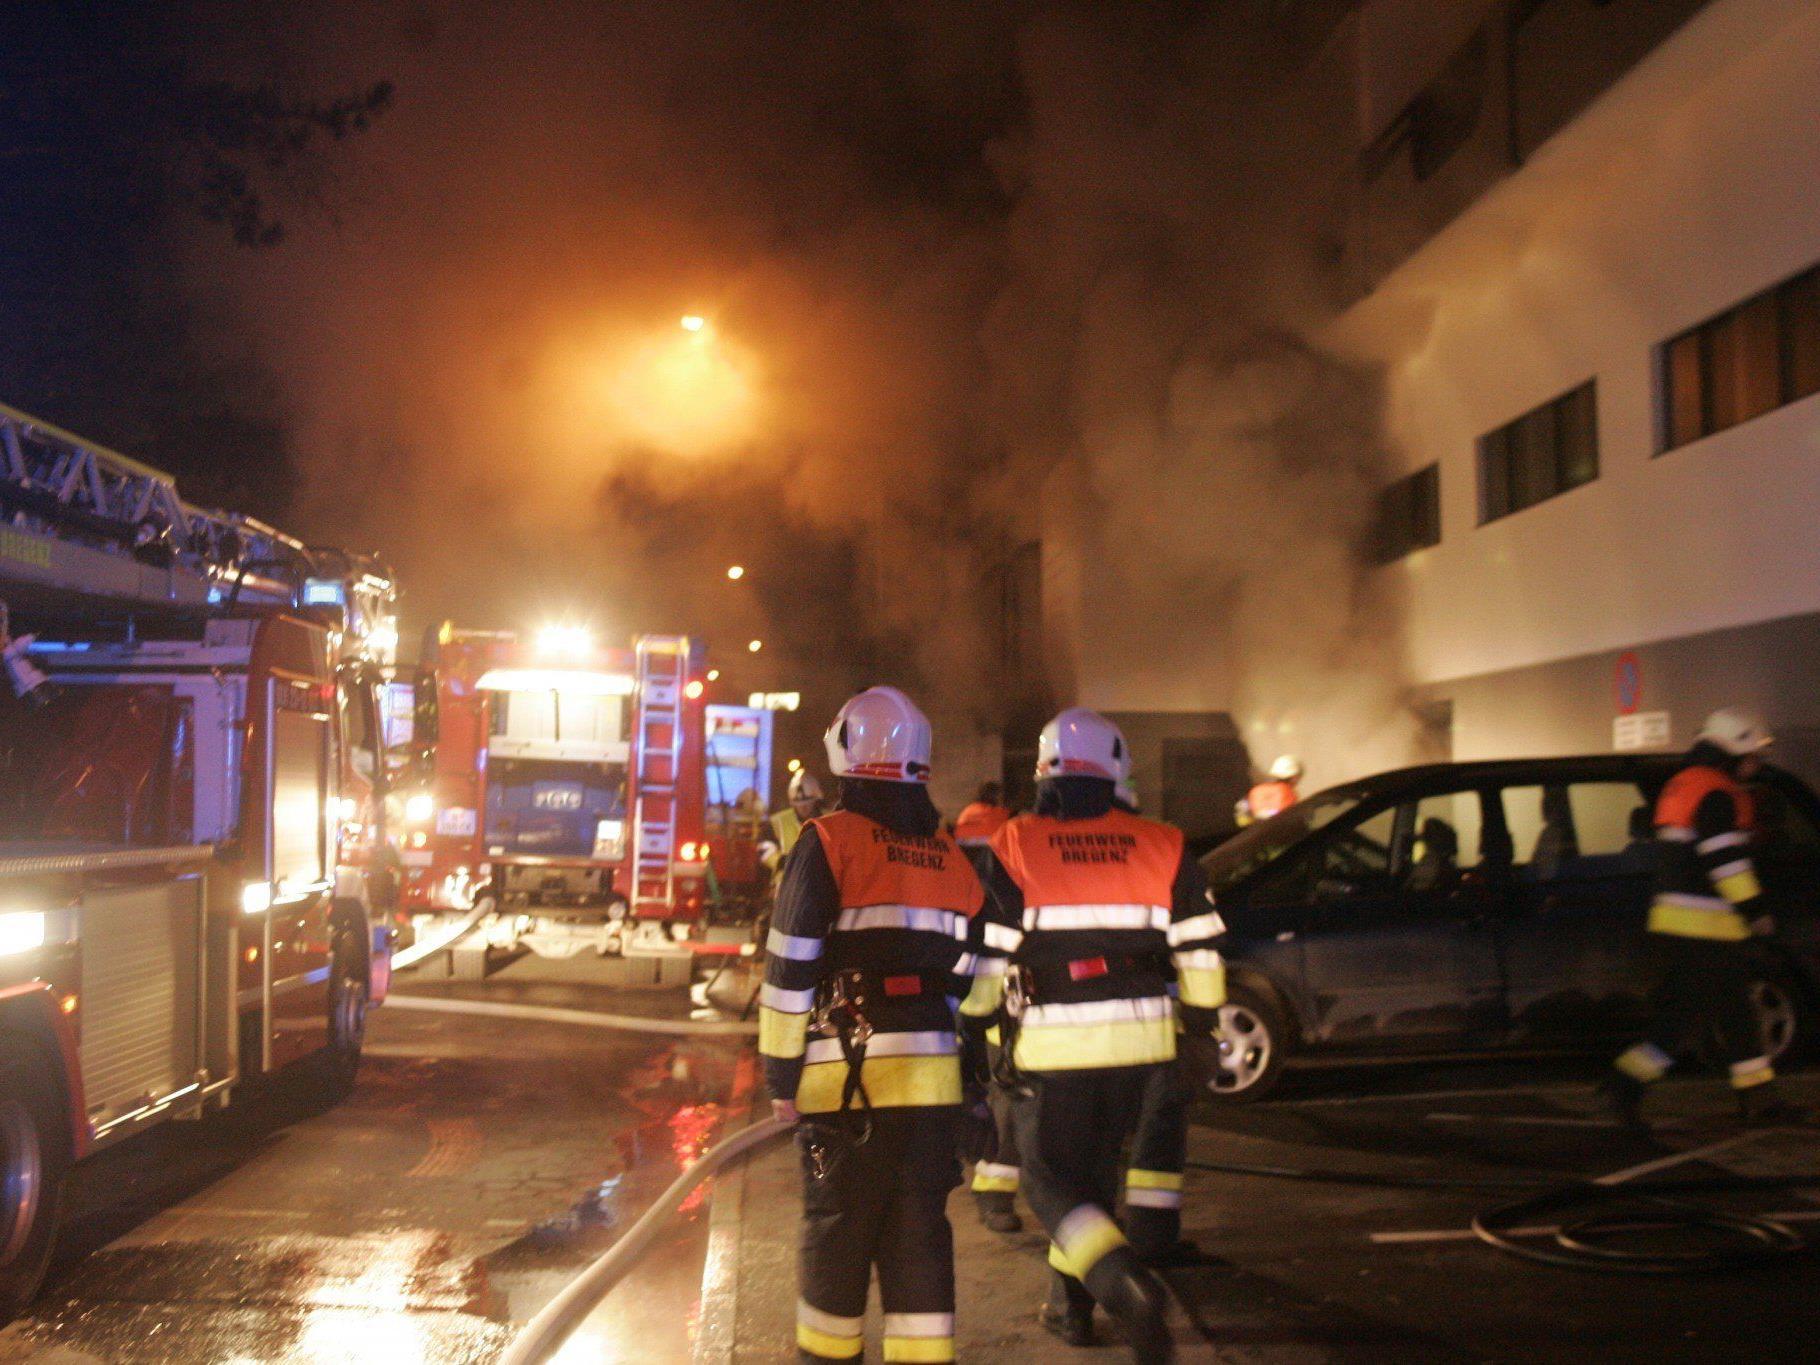 Feuerwehren in der Bregenzer Belruptstraße im Großeinsatz.